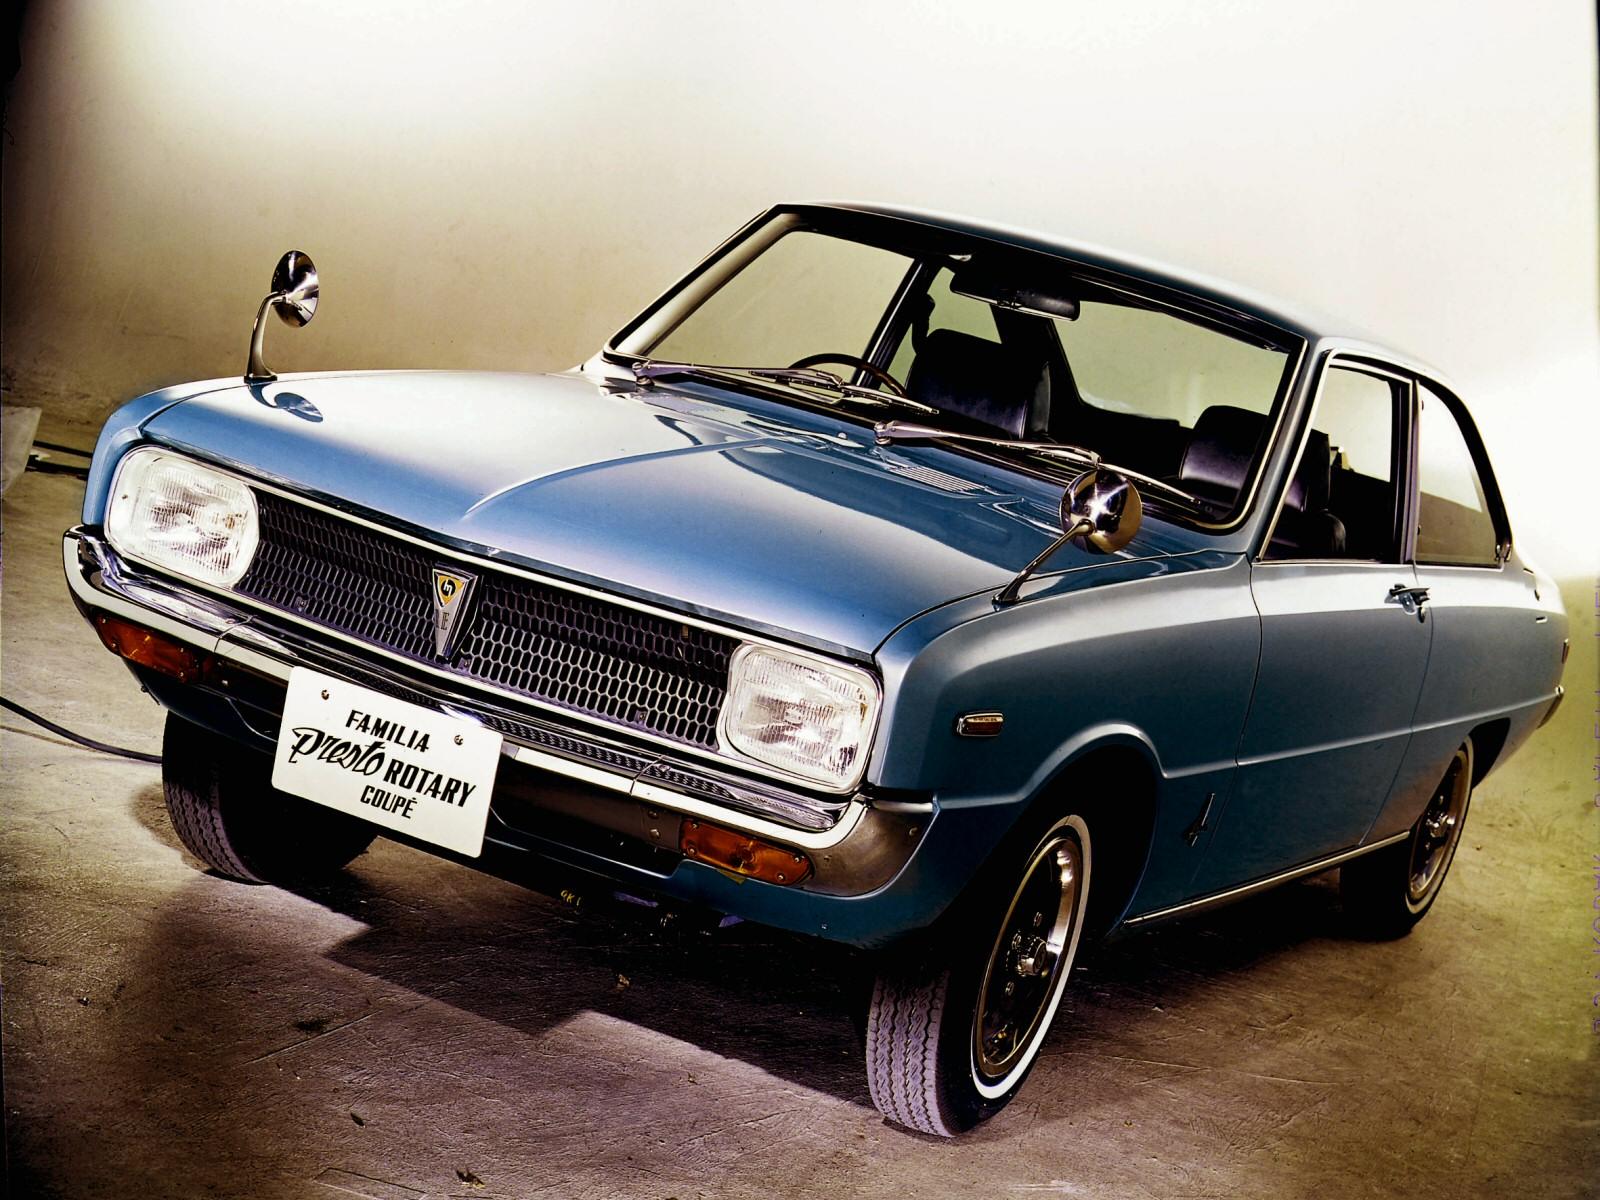 A rendszáma szerint – nemesi nevén – Mazda Familia Presto Rotary Coupé. Röviden ez egy RX-2